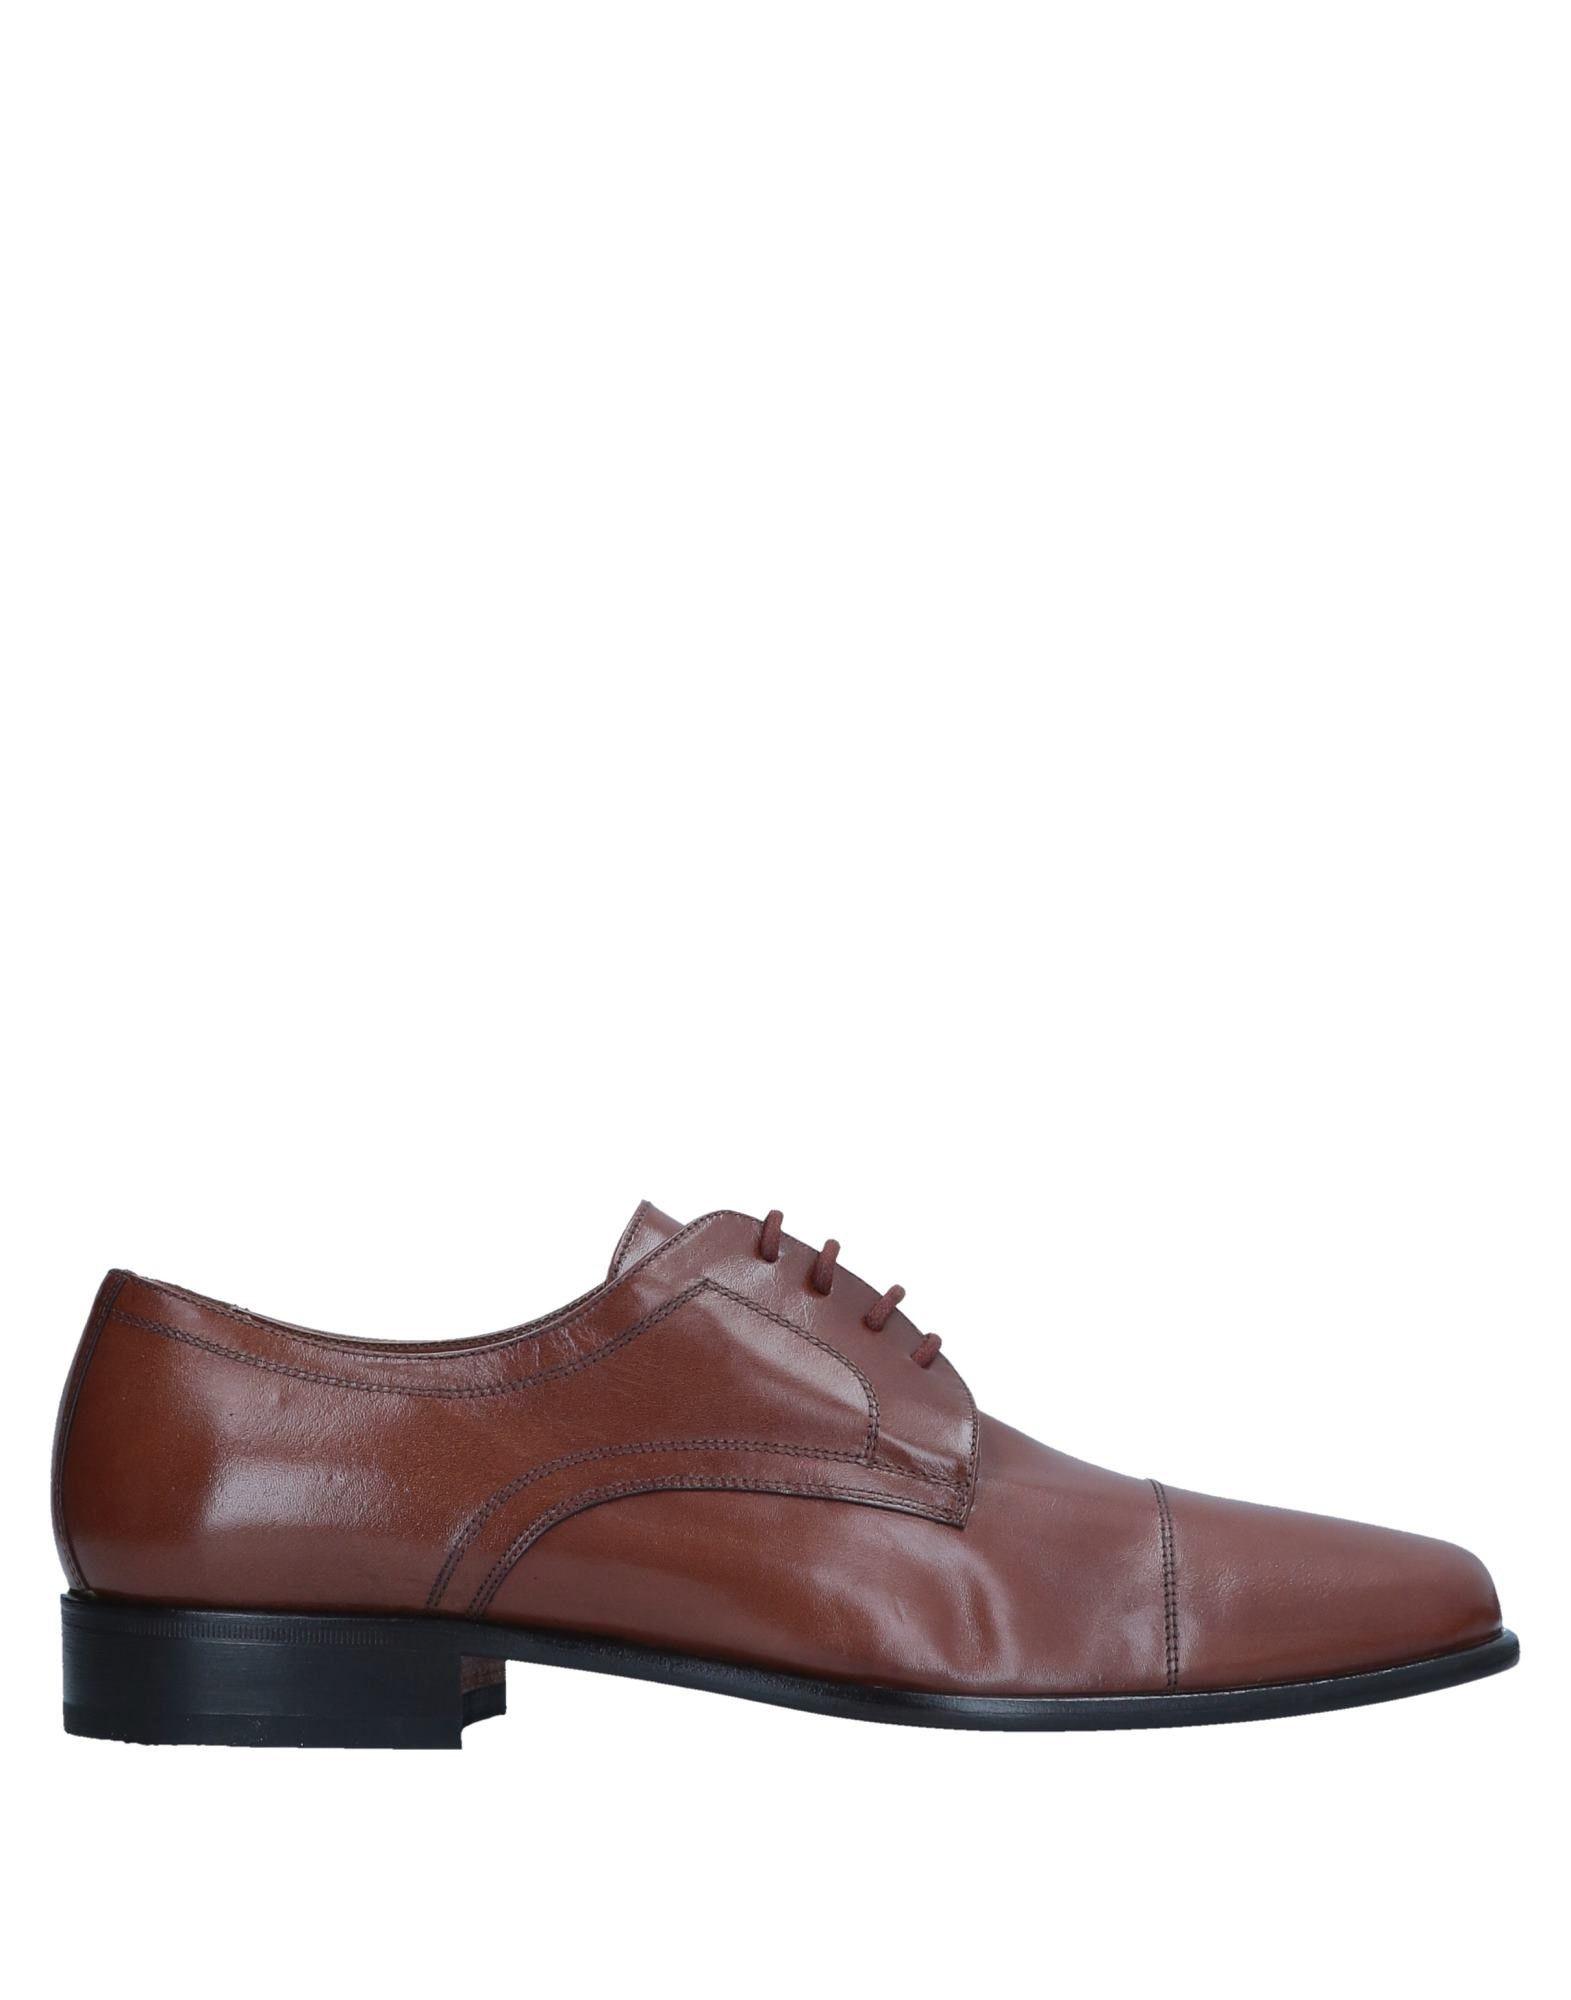 Stringate Valleverde Uomo - 11555745UT elegante